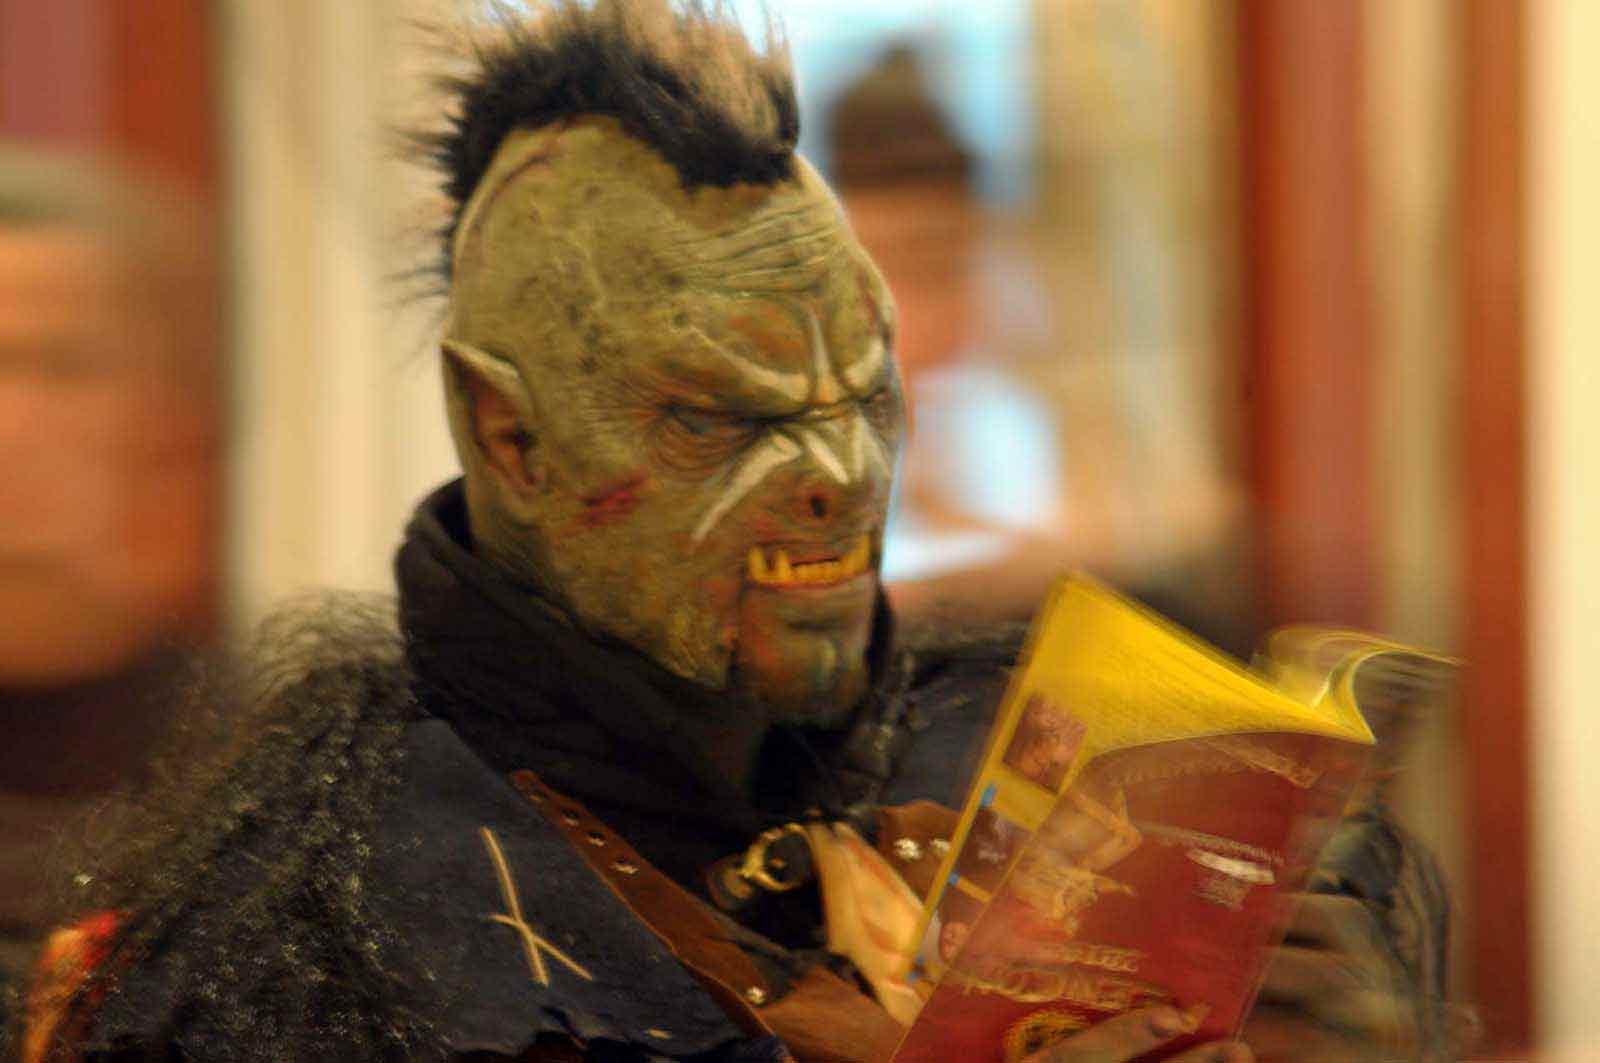 Erik Tegeder als Ork Quon Mato (Foto: Bundesamt für magische Wesen)